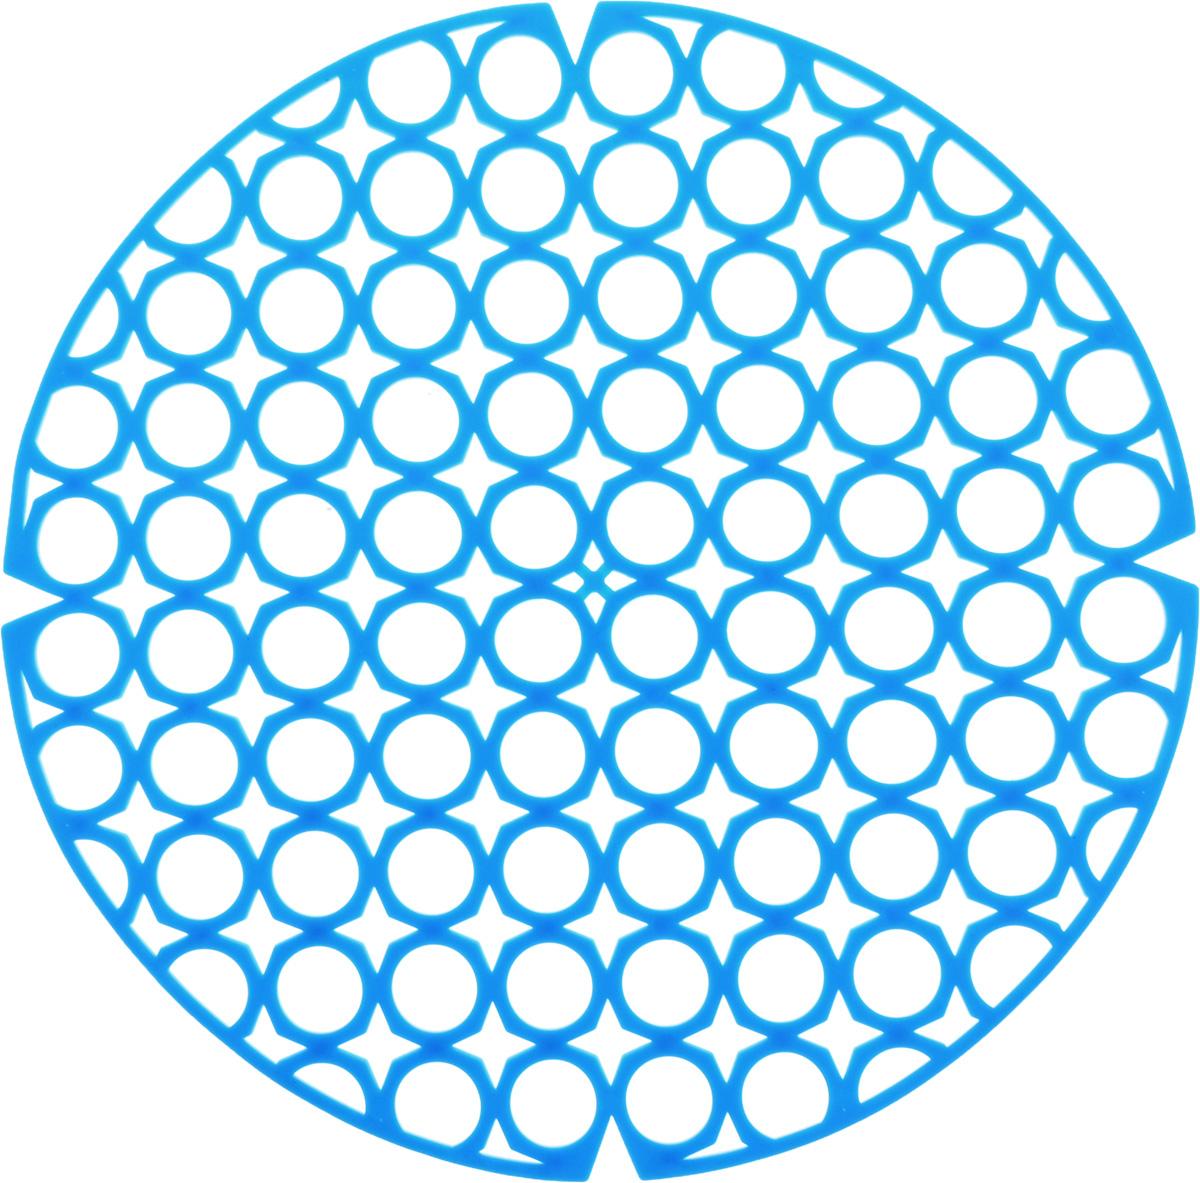 Коврик для раковины York, цвет: голубой, диаметр 27,5 см9560/095600_голубойСтильный и удобный коврик для раковины York изготовлен из сложных полимеров. Он одновременно выполняет несколько функций: украшает, защищает мойку от царапин и сколов, смягчает удары при падении посуды в мойку. Коврик также можно использовать для сушки посуды, фруктов и овощей. Он легко очищается от грязи и жира. Диаметр: 27,5 см.